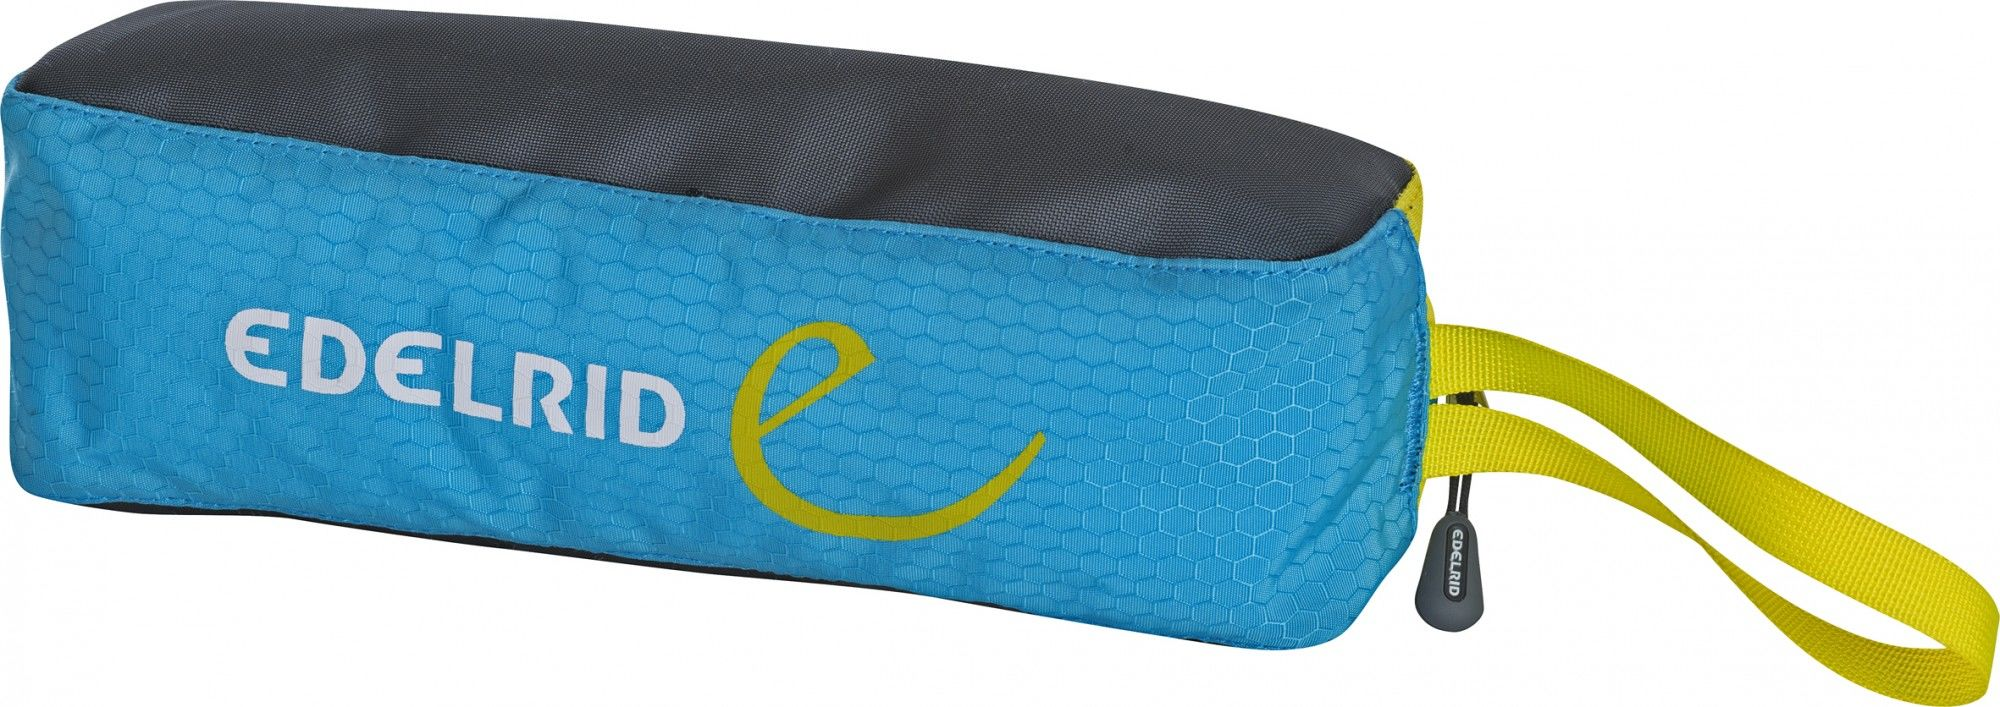 Edelrid Crampon Bag Lite | Größe One Size |  Steigeisen